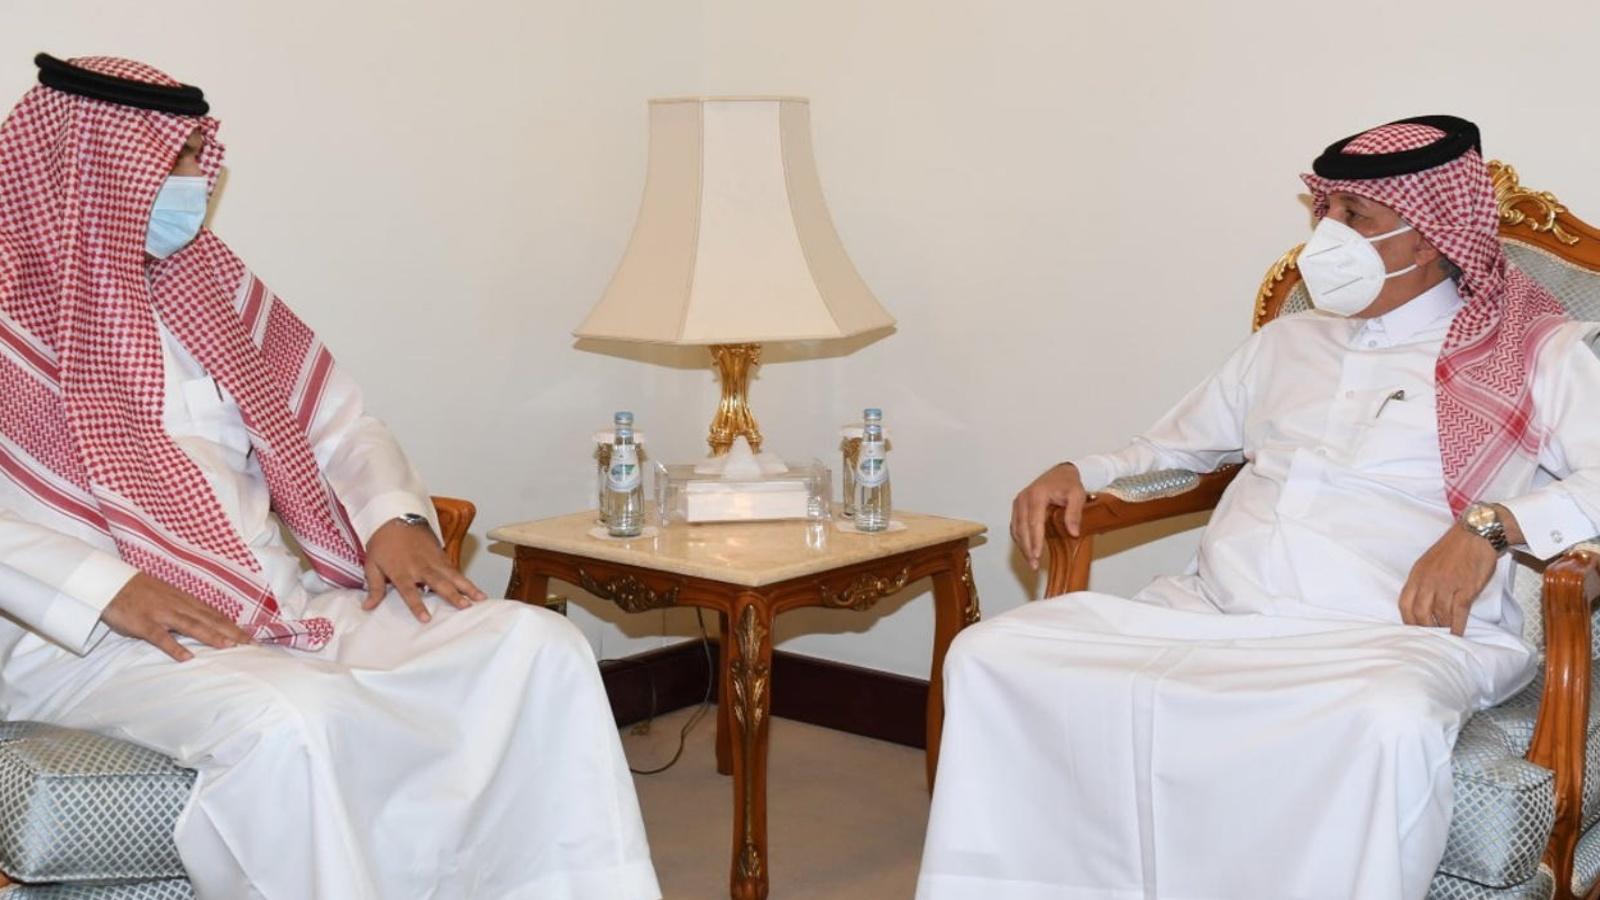 السعودية نيوز |  وزير قطري يلتقي القائم بالأعمال في سفارة السعودية